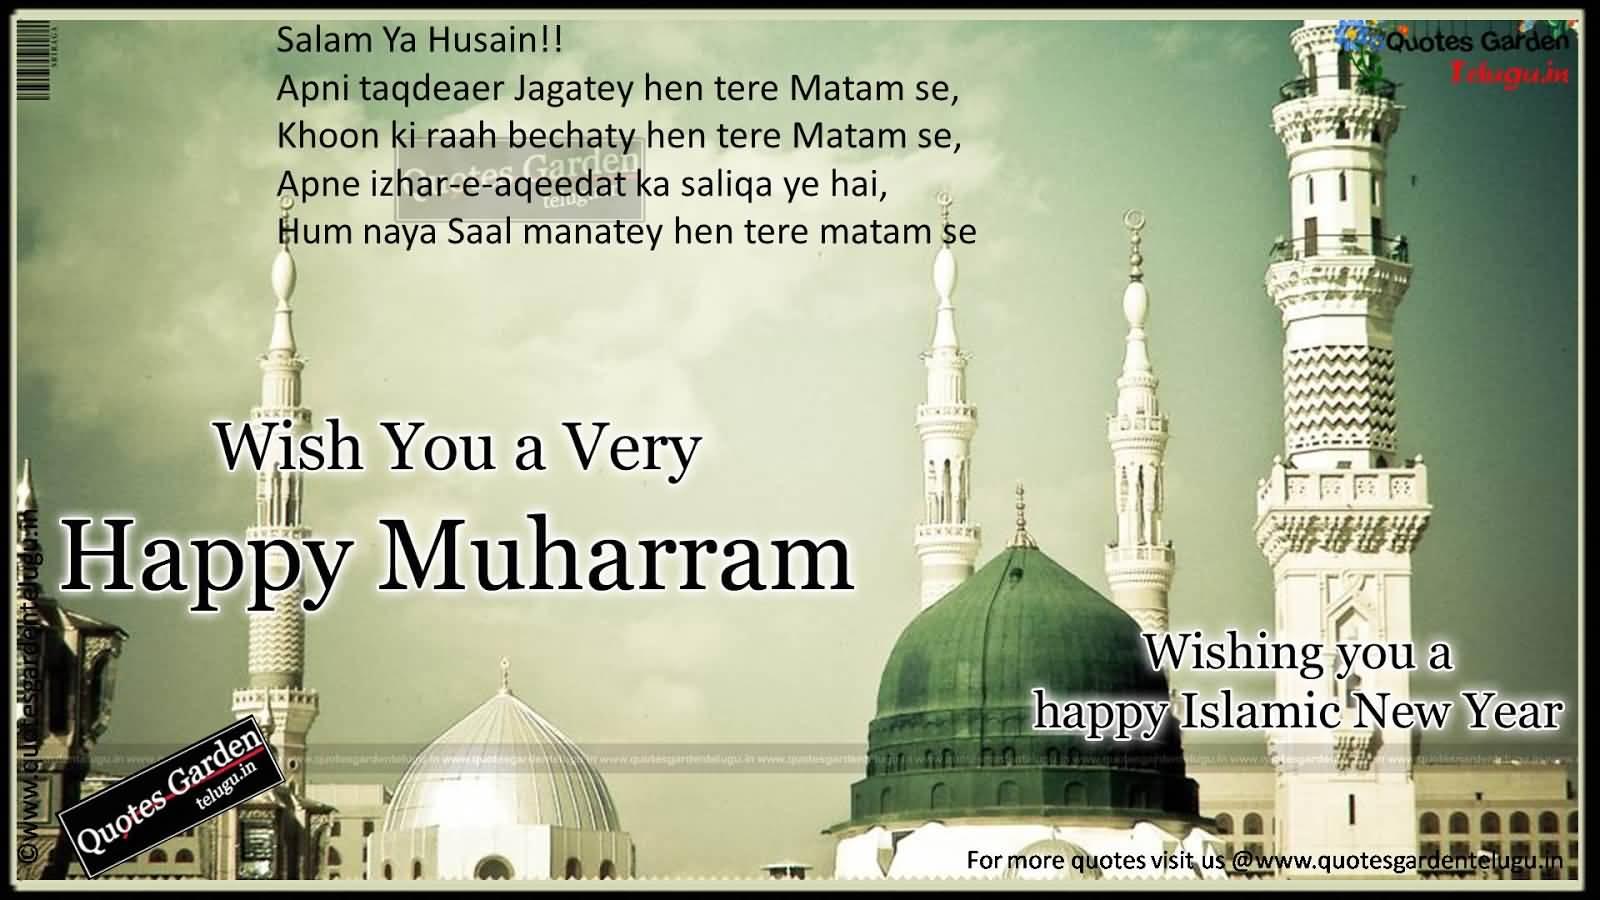 Happy Muharram 2018